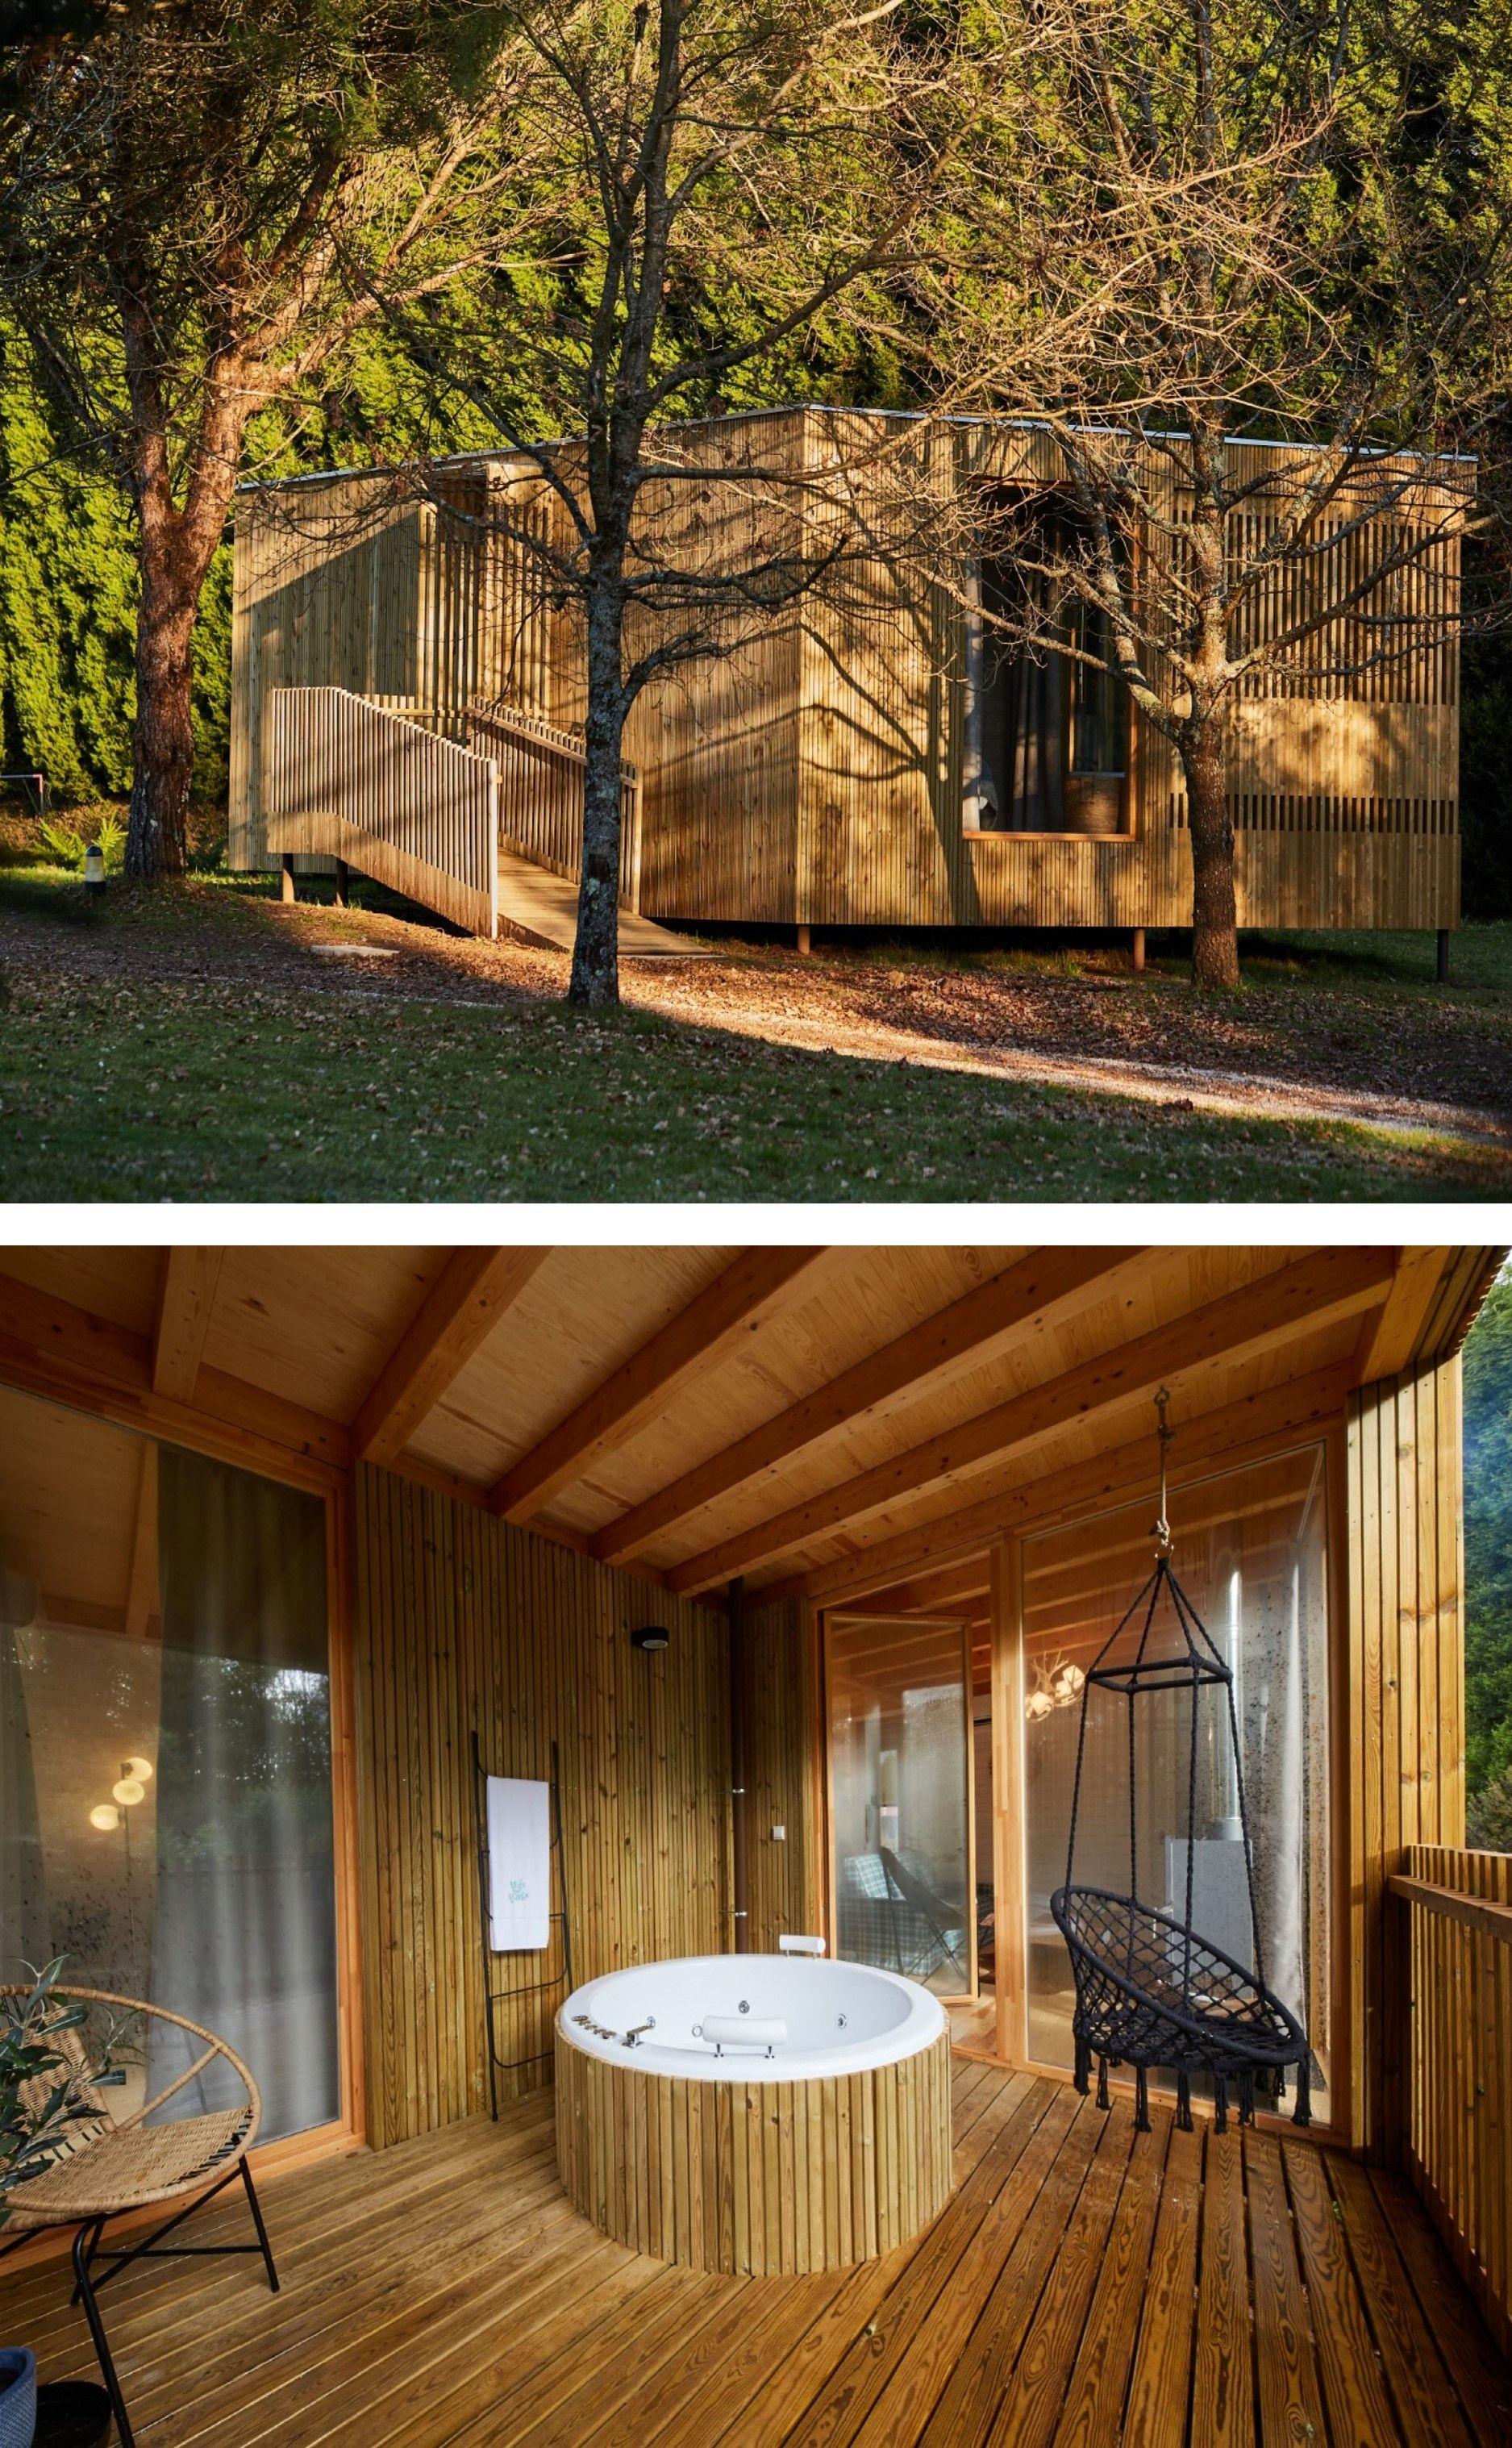 A Coruña Cabaña Accesible 2 Habitaciones Y Jacuzzi Exterior Jardines Piscina Barbacoa Y Columpios Alquiler De Cabañas Cabañas Estructuras Para Exterior